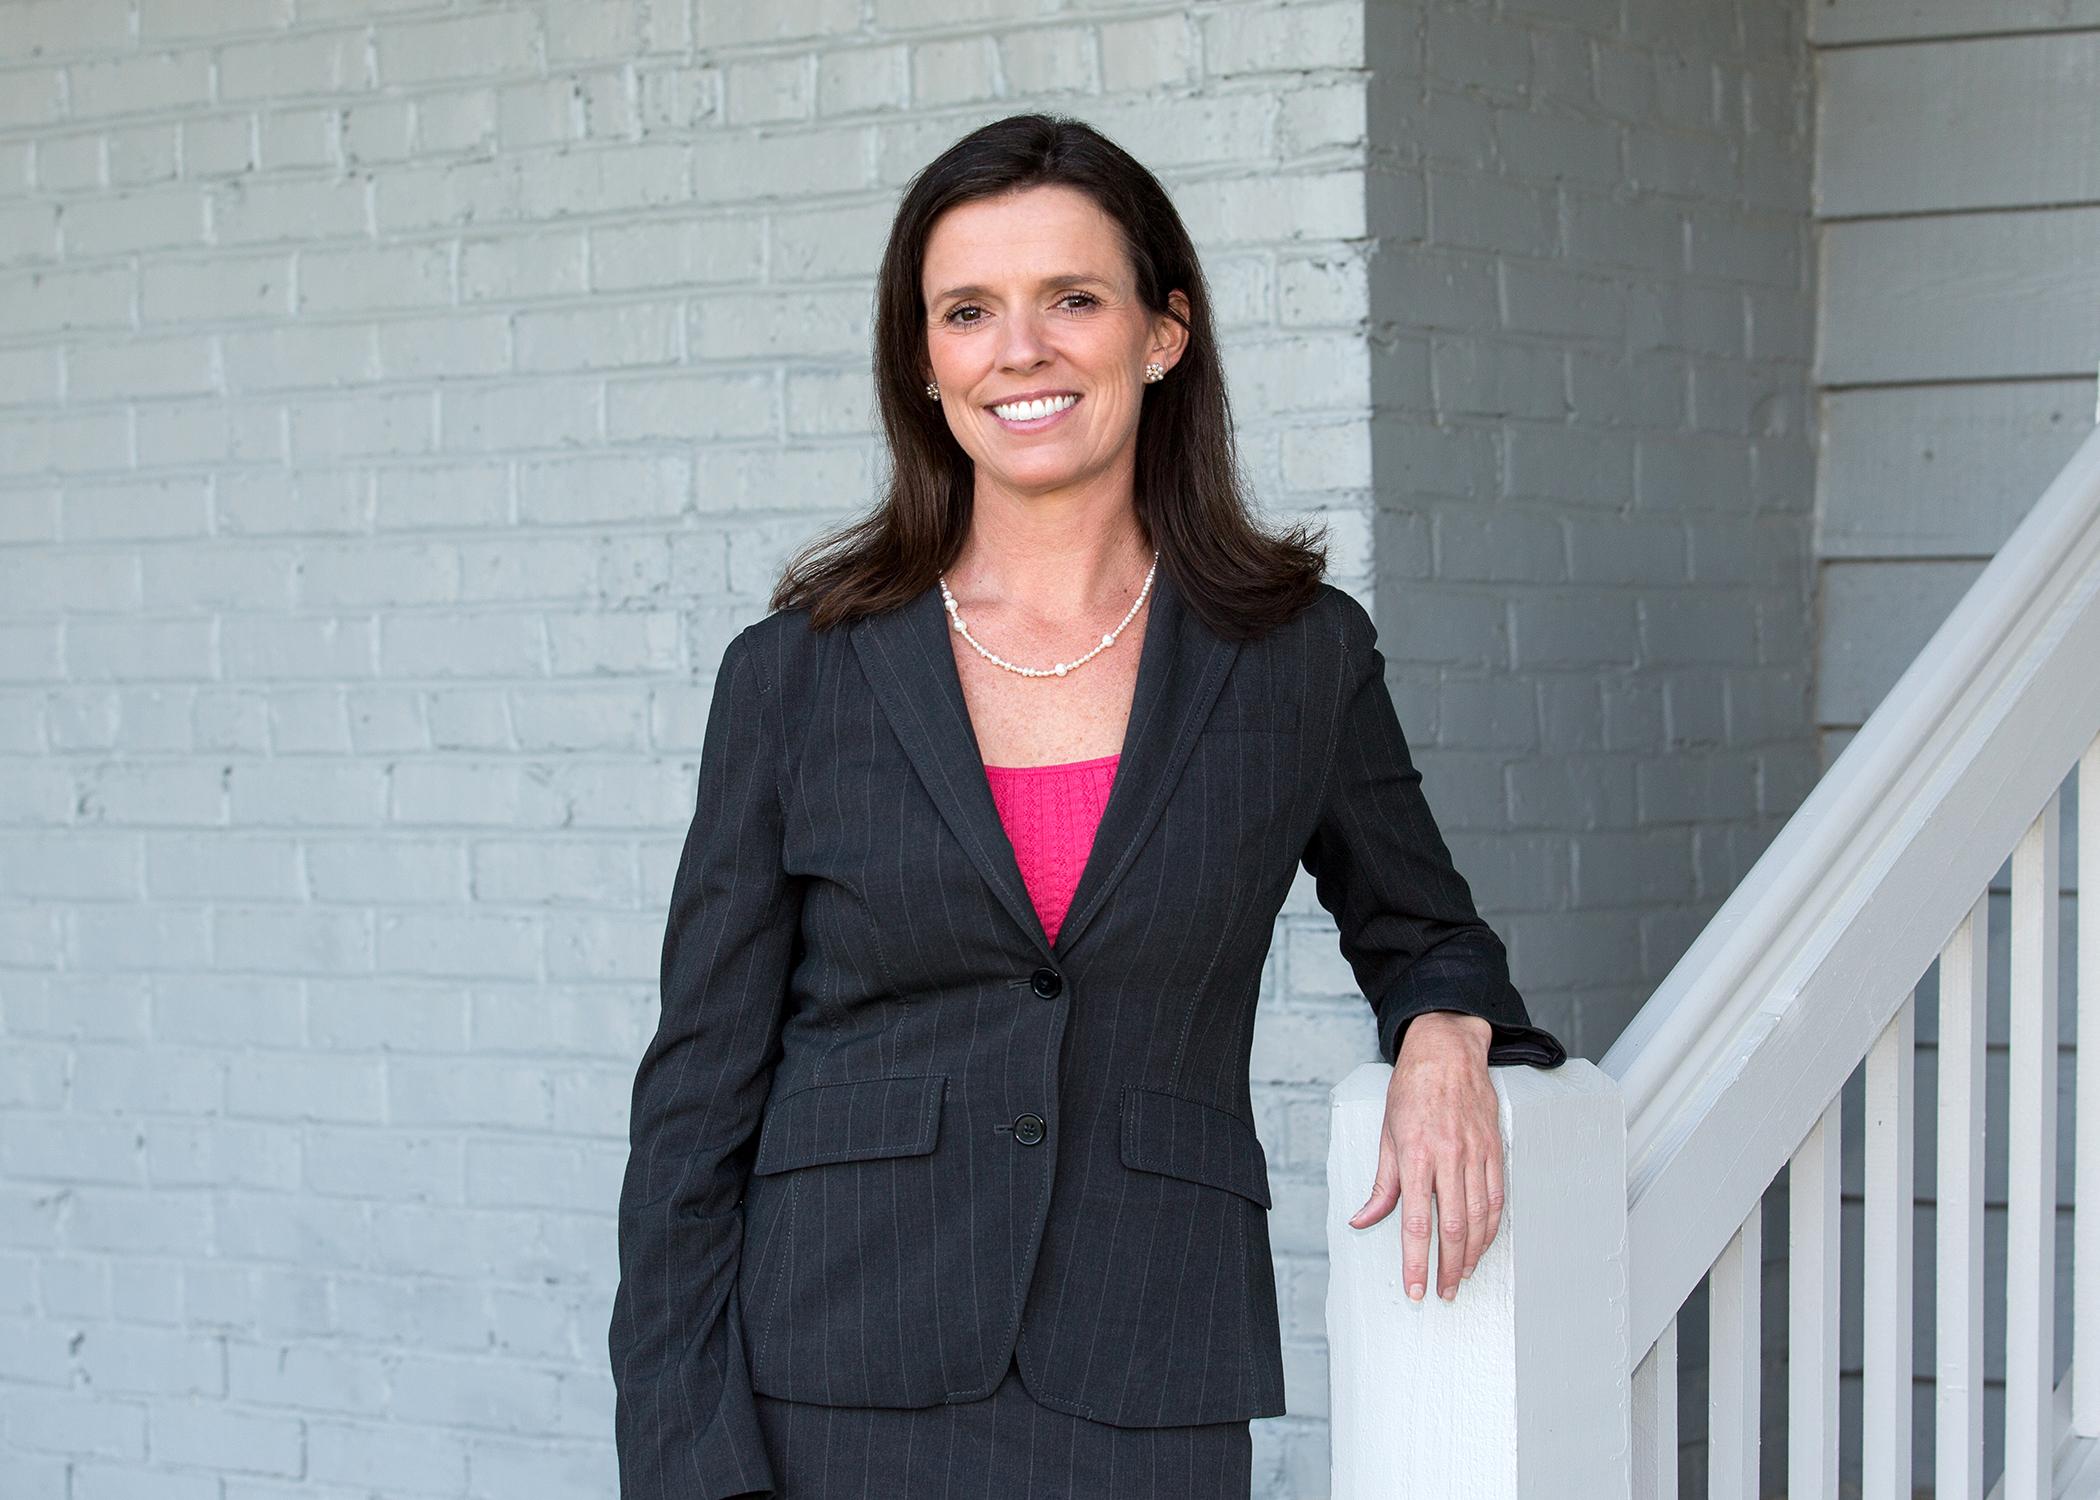 Megan Finch Stevens